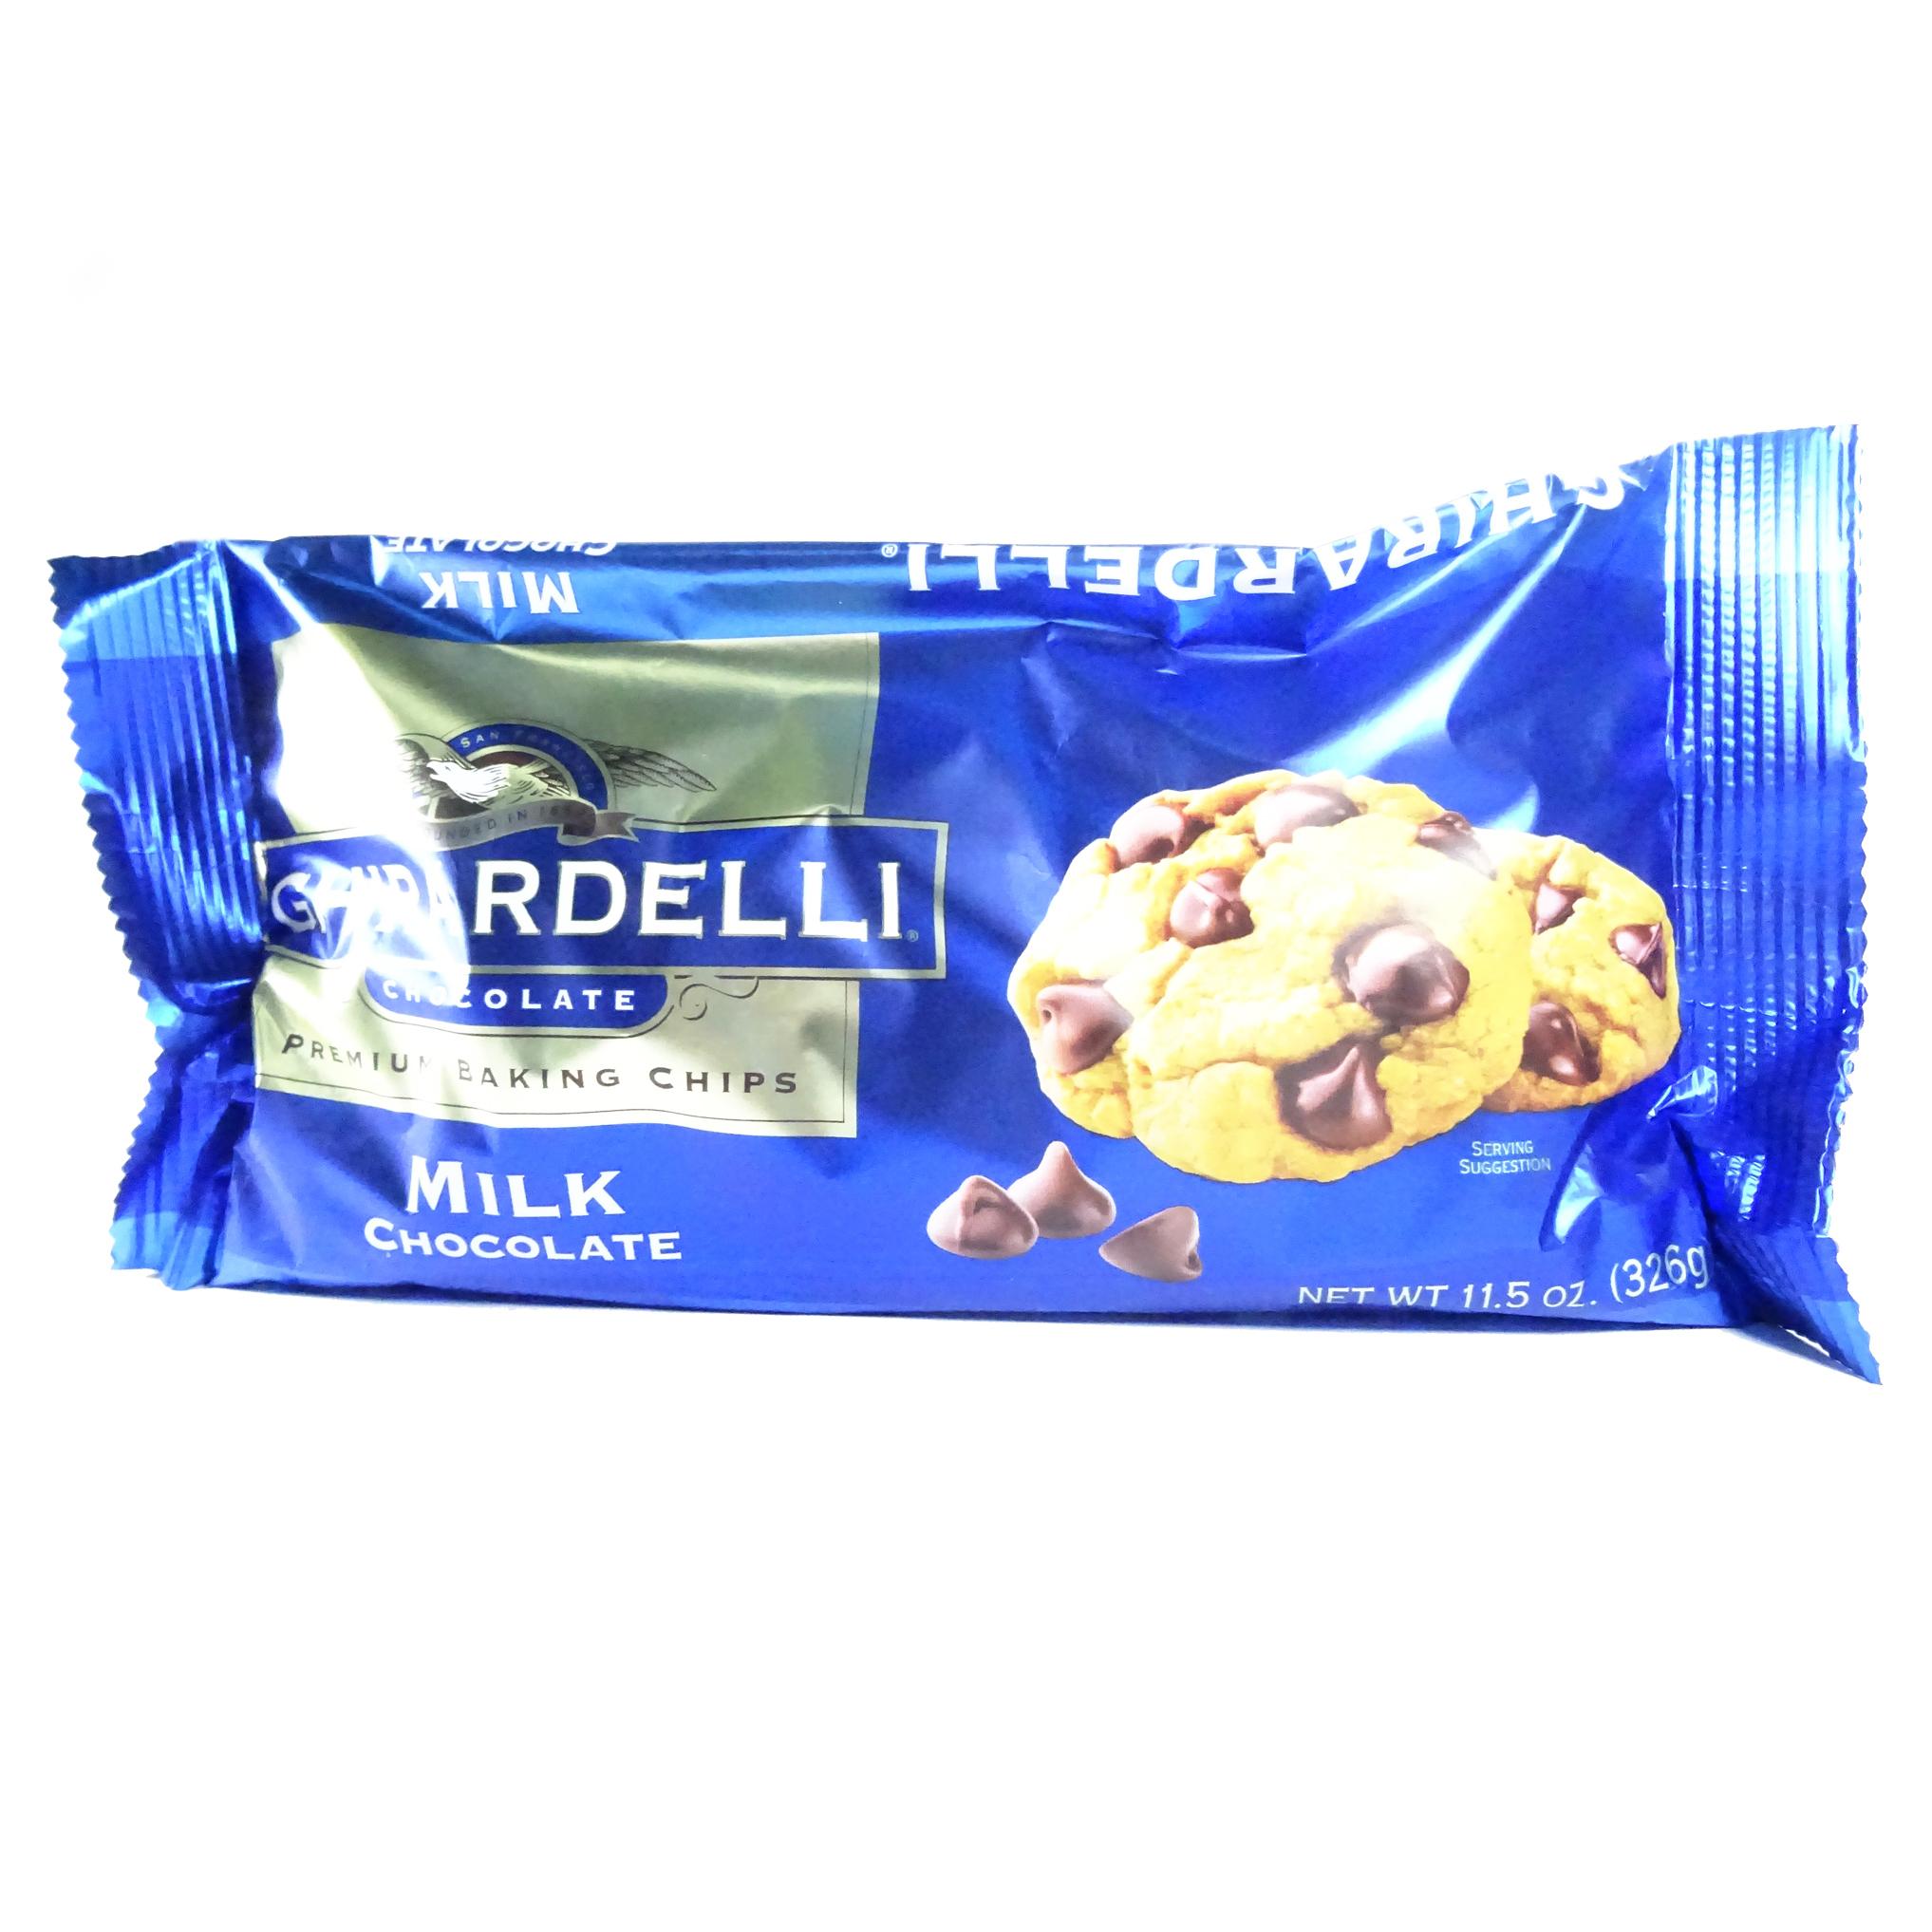 Ghirardelli milk chip 12 OZ (340g)